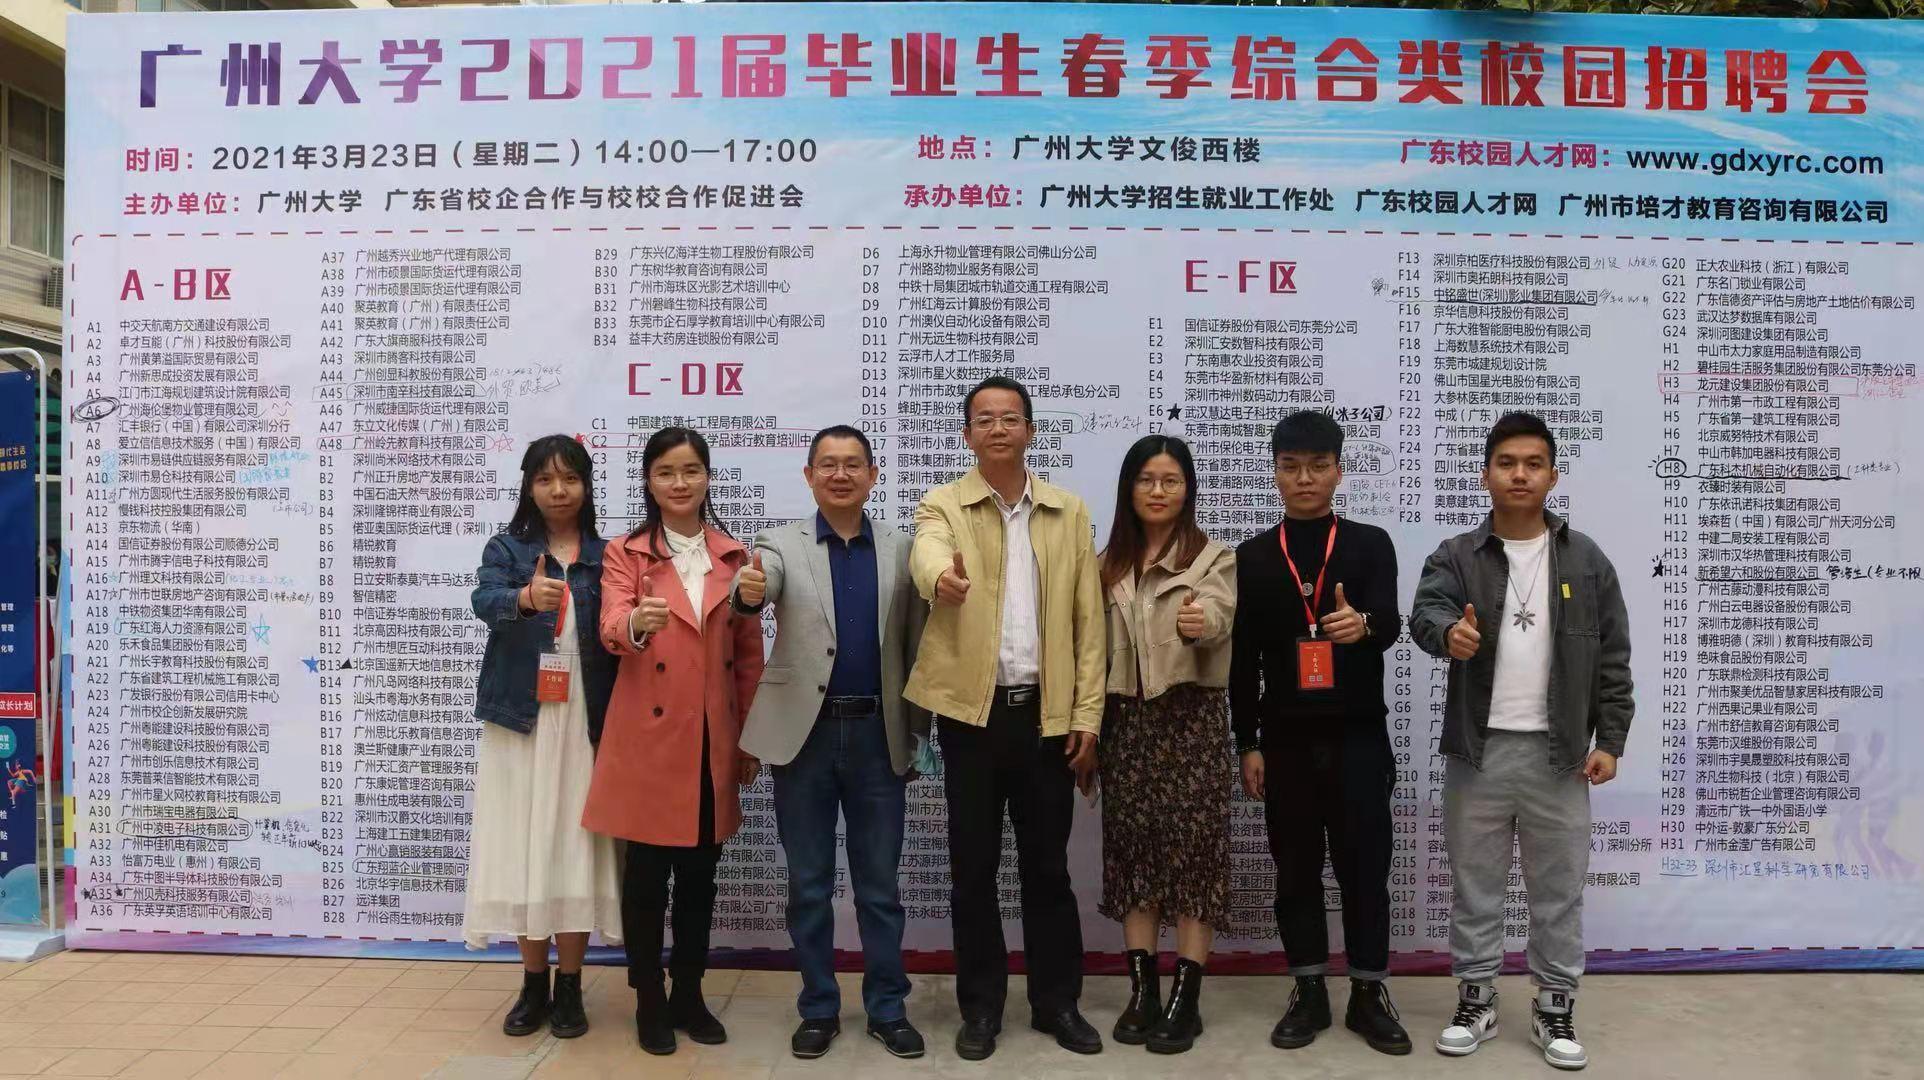 广州大学2021届毕业生春季综合类校园招聘会